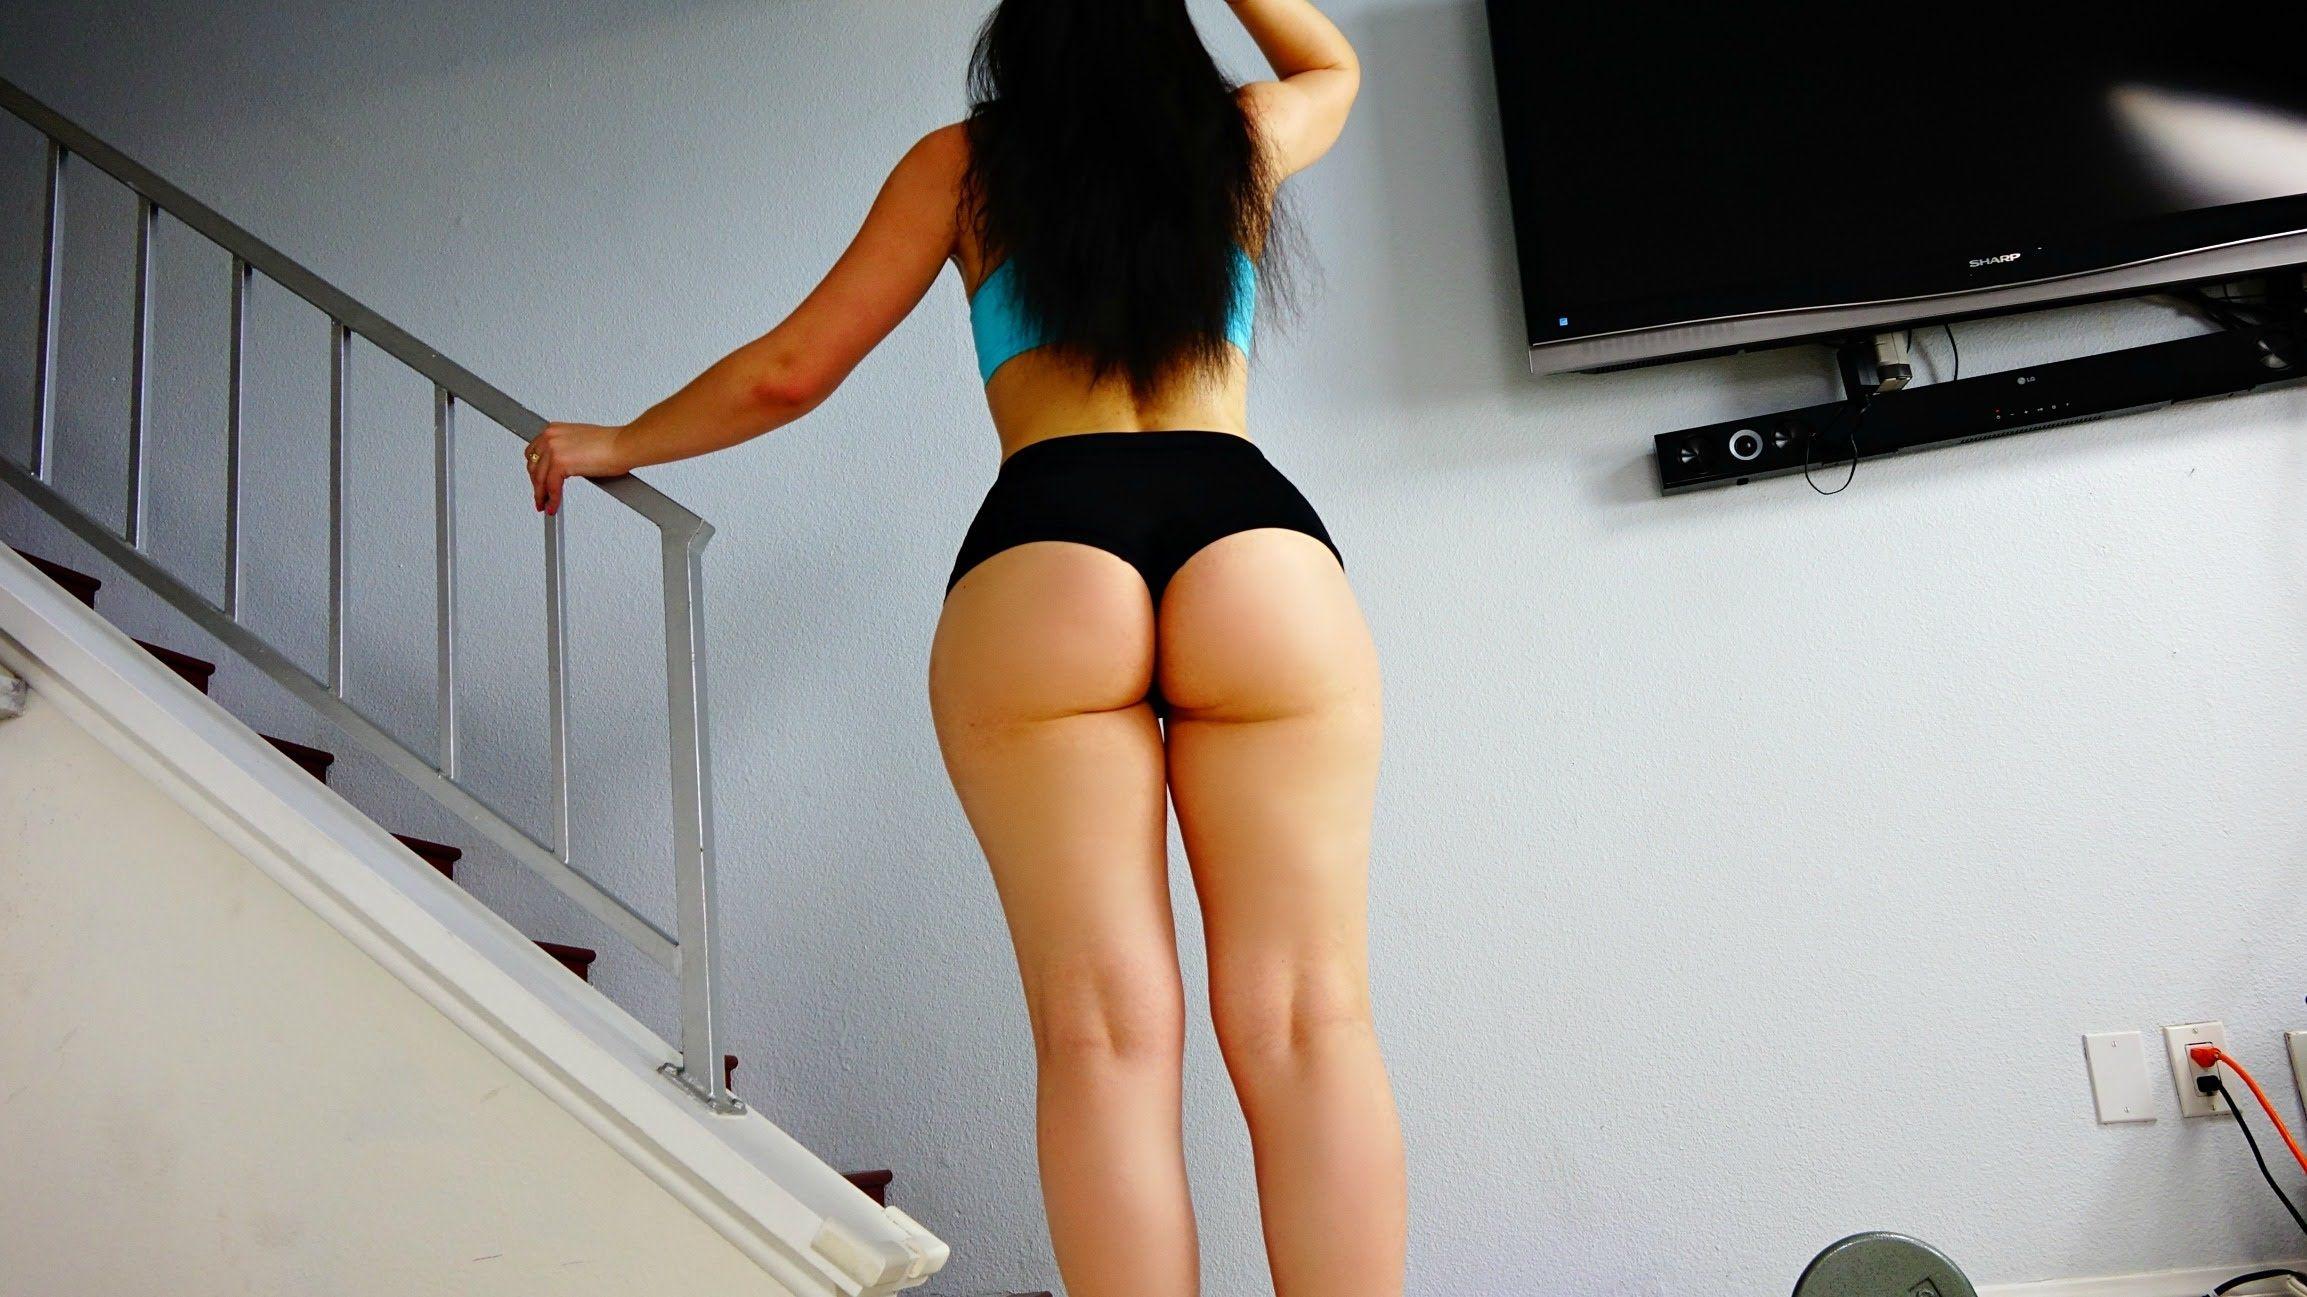 Ejercicios para glúteos grandes y piernas fuertes. Video ...